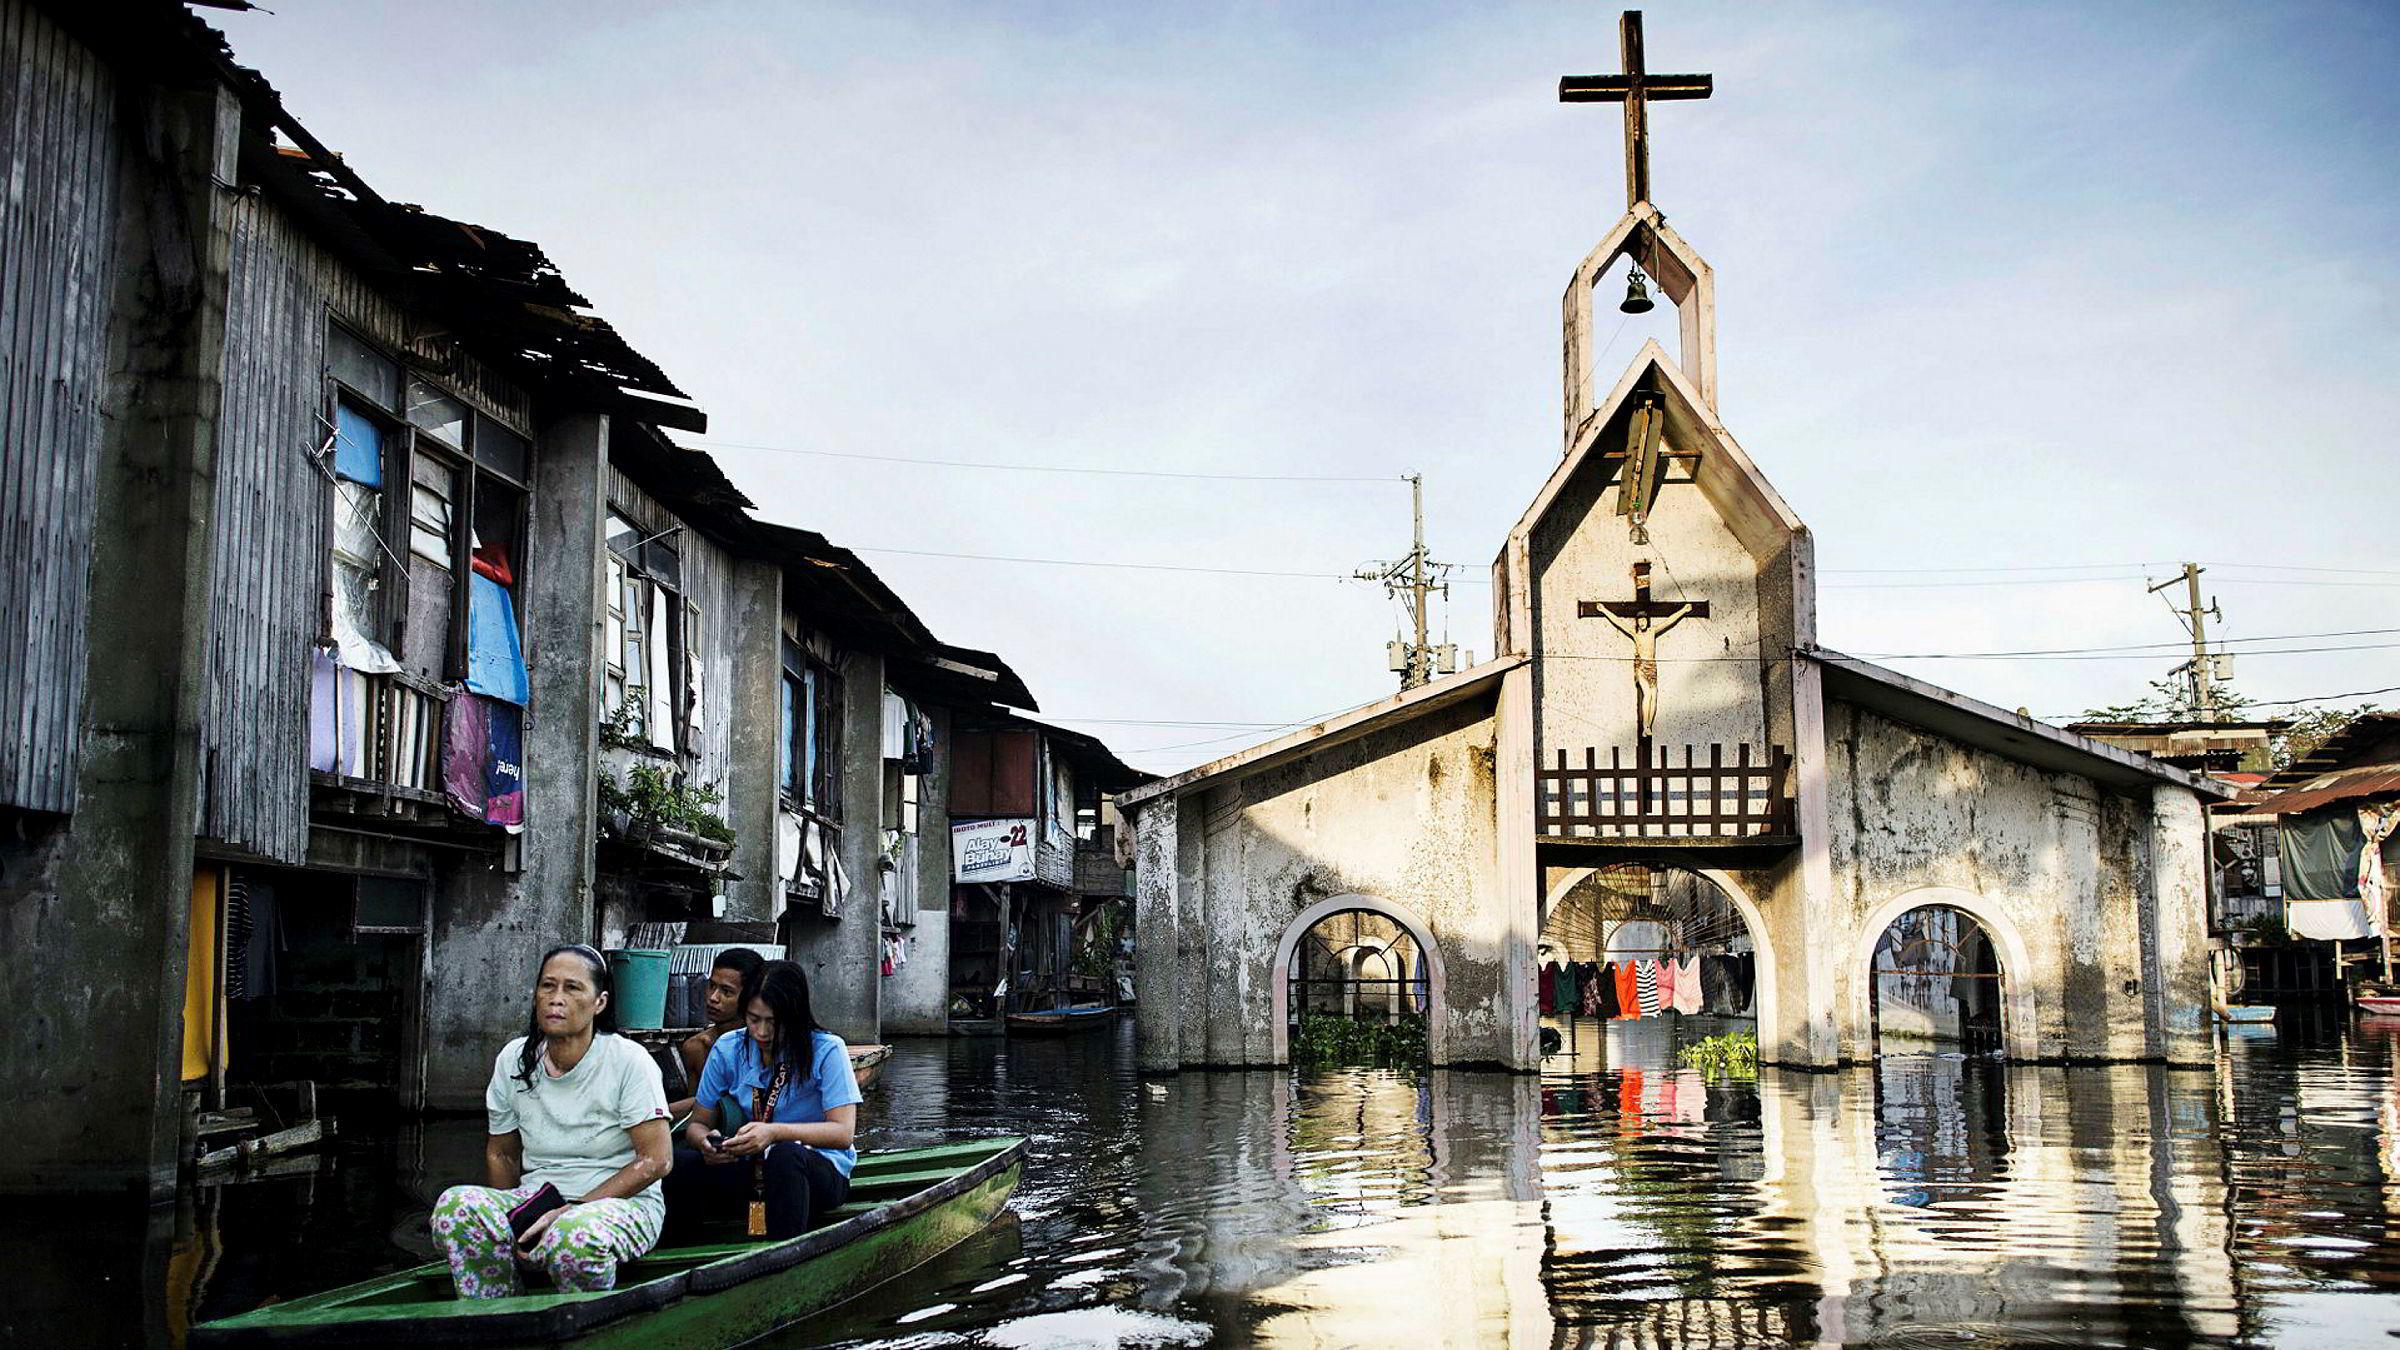 Innbyggere evakueres fra de oversvømte områdene i Manila, Filippinene 6. juli 2018. Økningen i tilfeller av bakteriesykdommen leptospirose skyldes ifølge helsemyndighetene flommen etter det kraftige regnet de siste ukene. Sykdommen kan føre til blødende lunger, hjernehinnebetennelse og nyresvikt.